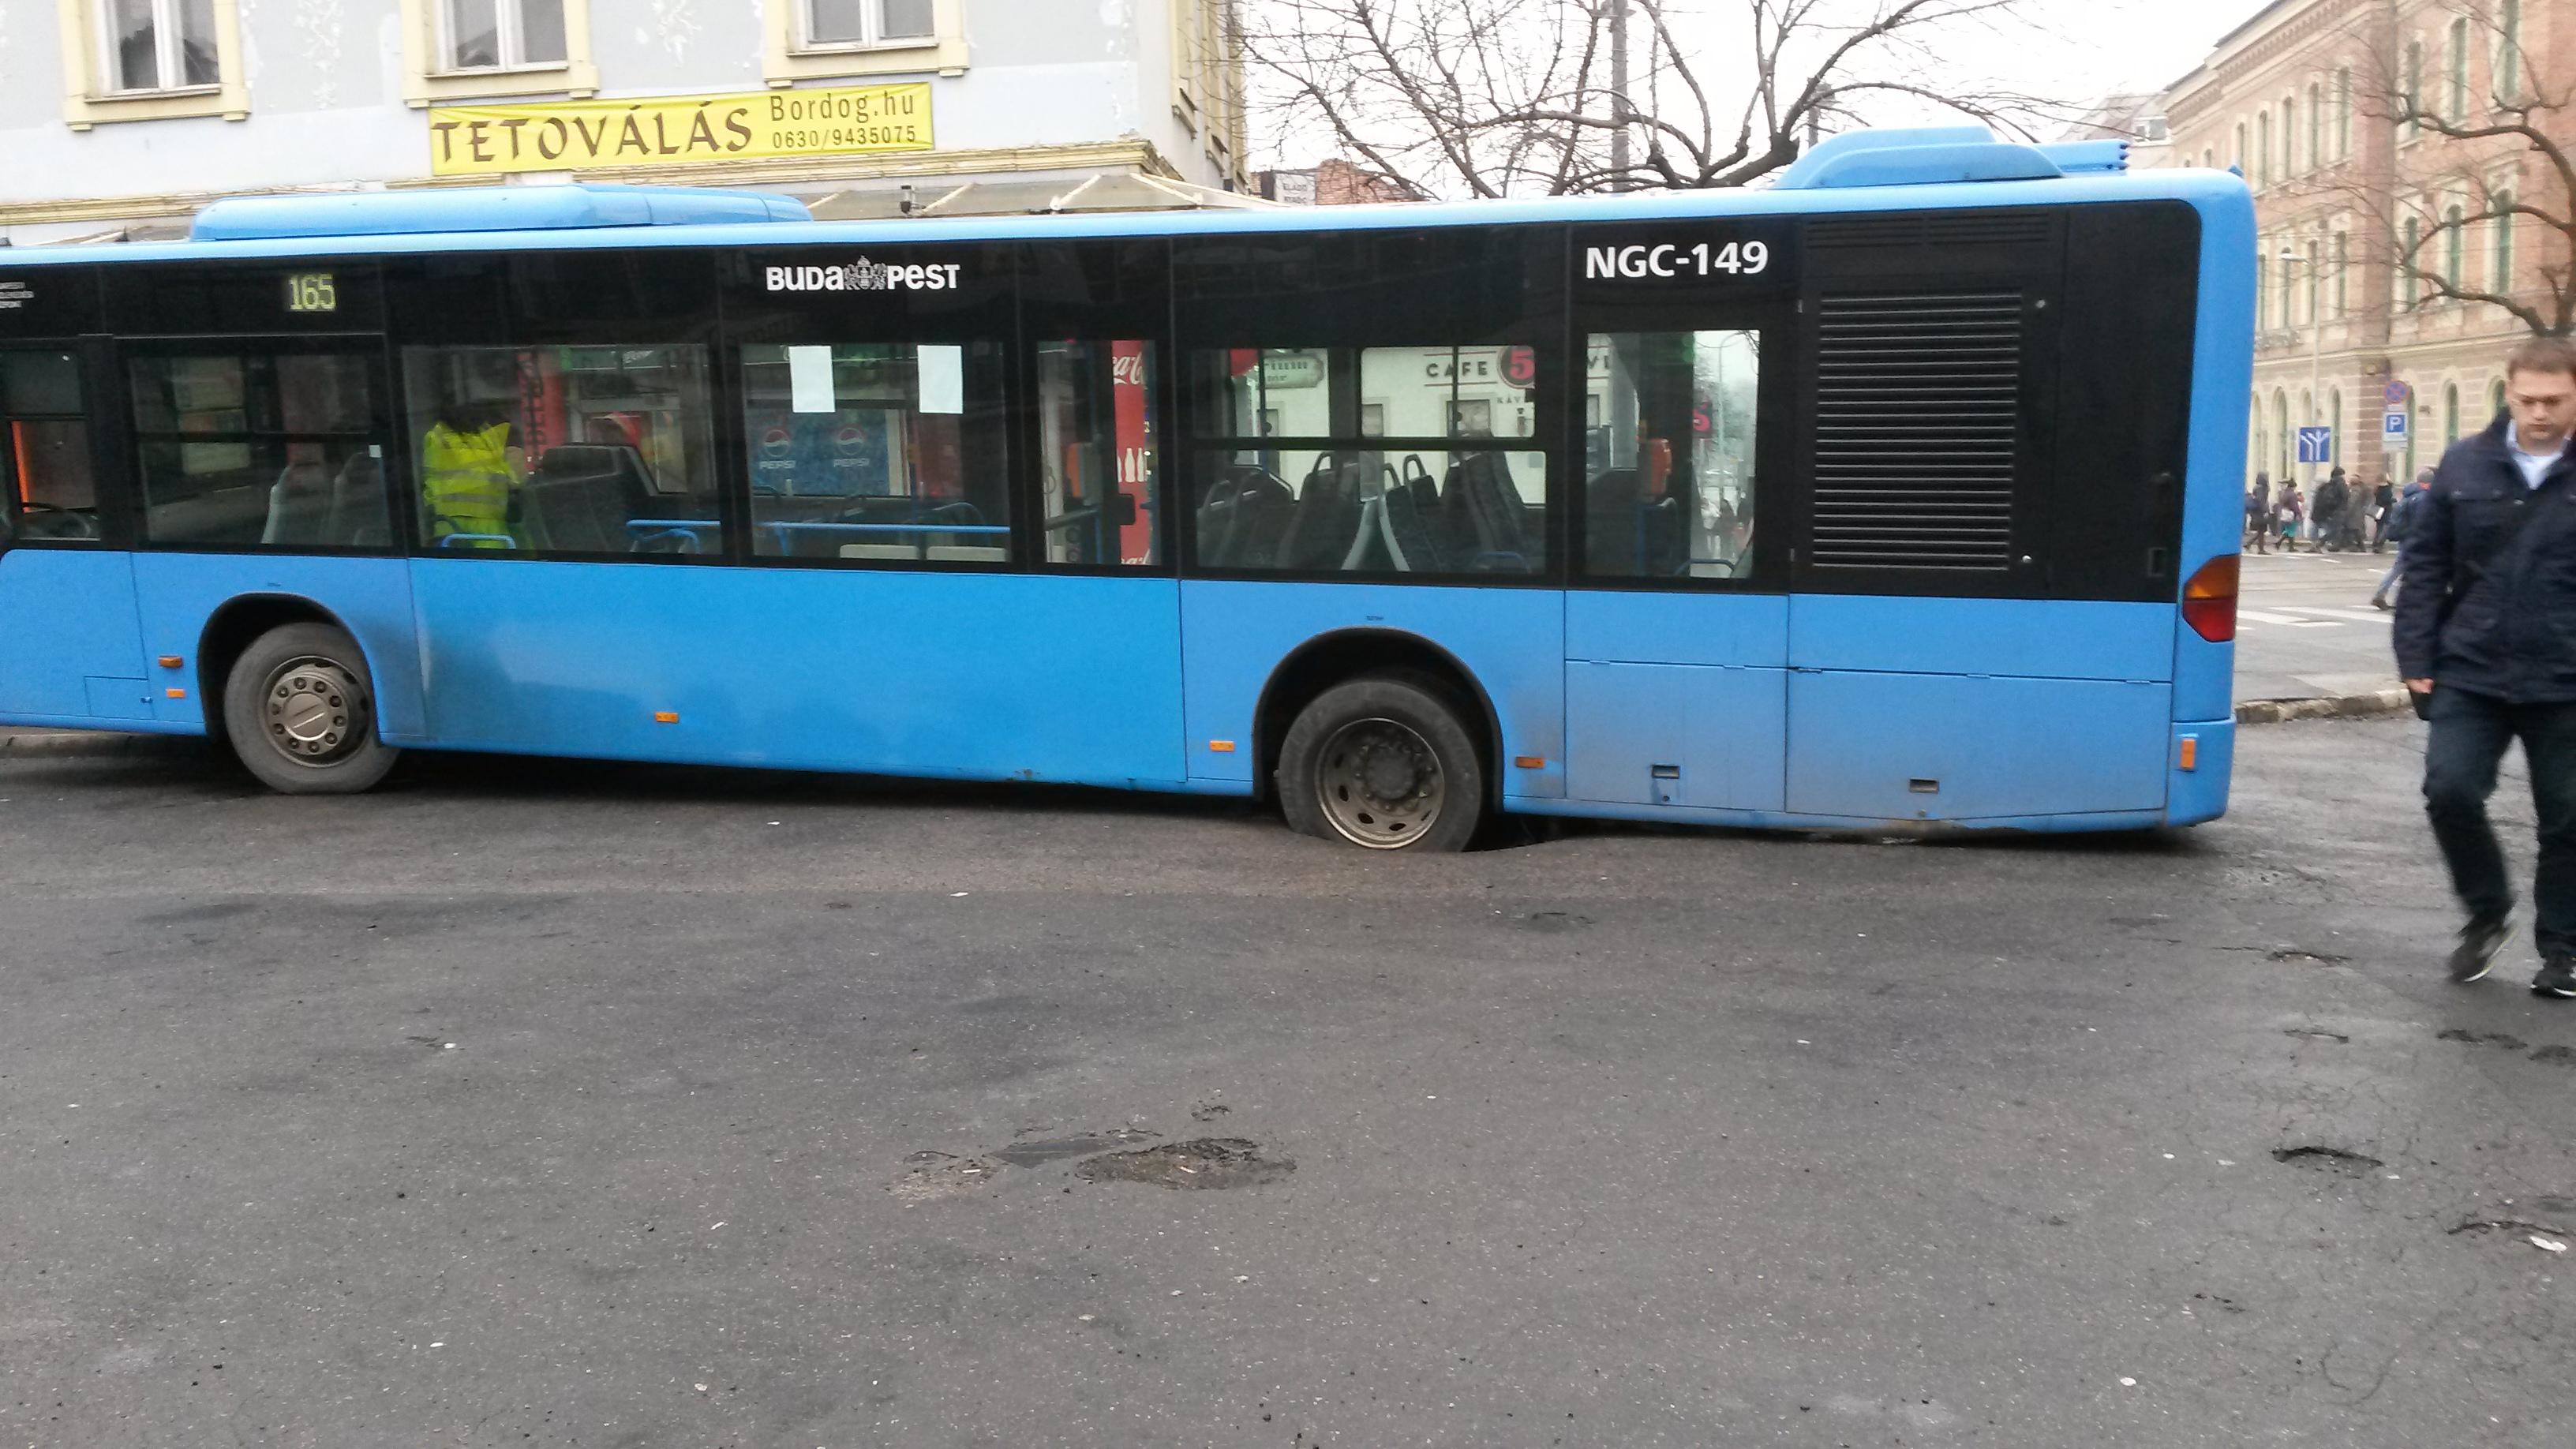 Beszakadt az aszfalt egy busz alatt a Kolosy téren